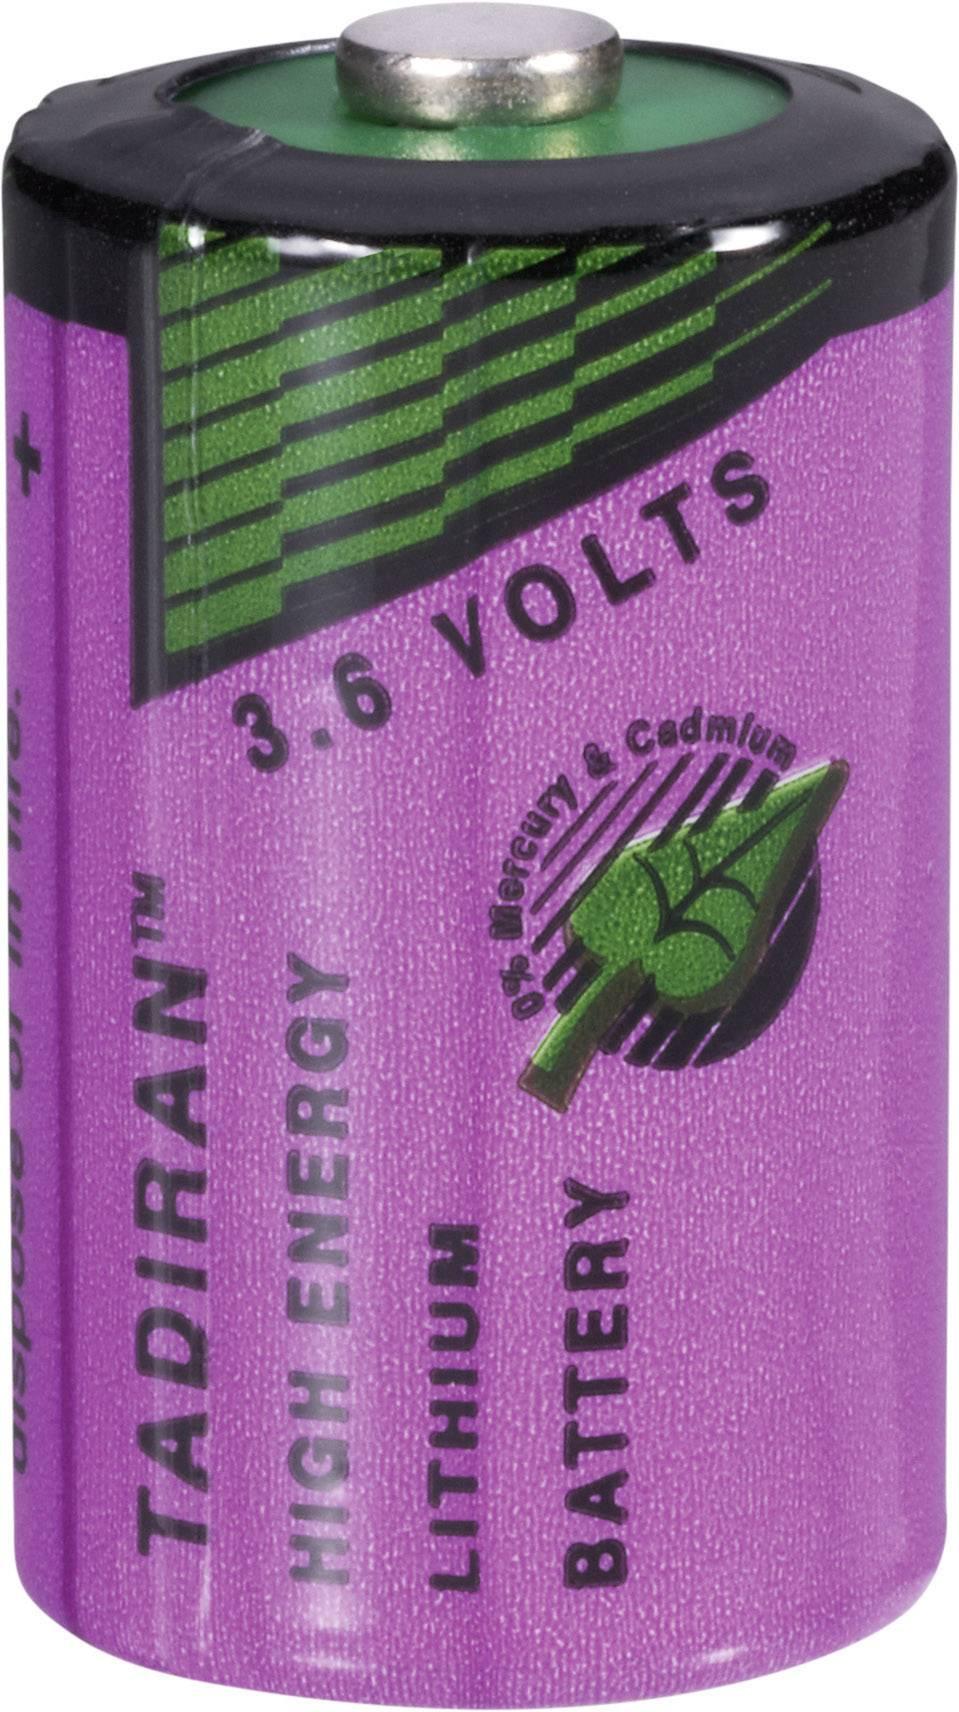 Lithiová batéria SL-750/S, 1100 mAh